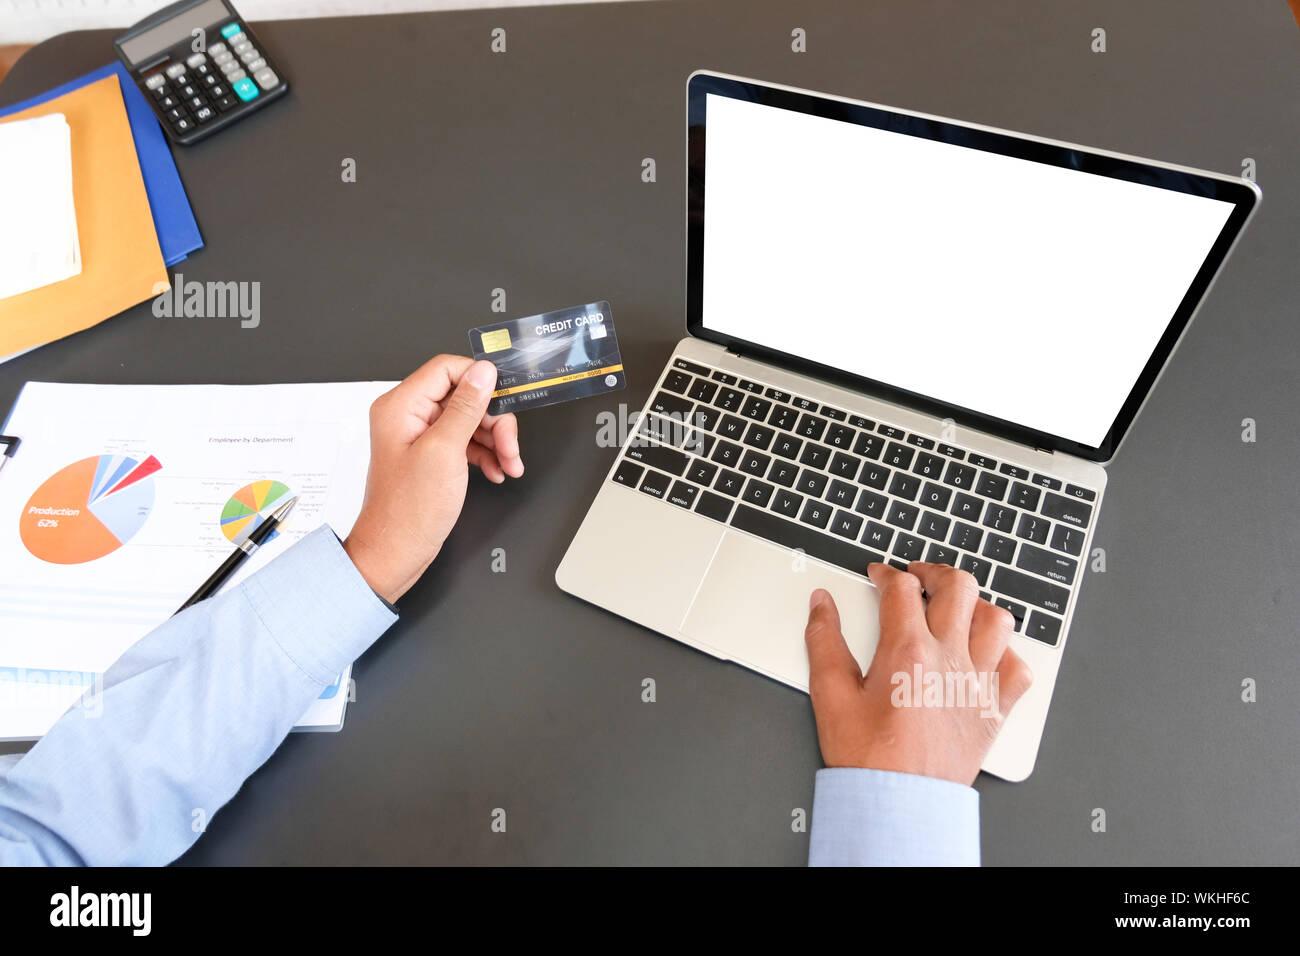 Кредит на компьютер онлайн где взять потребительский кредит без страховки